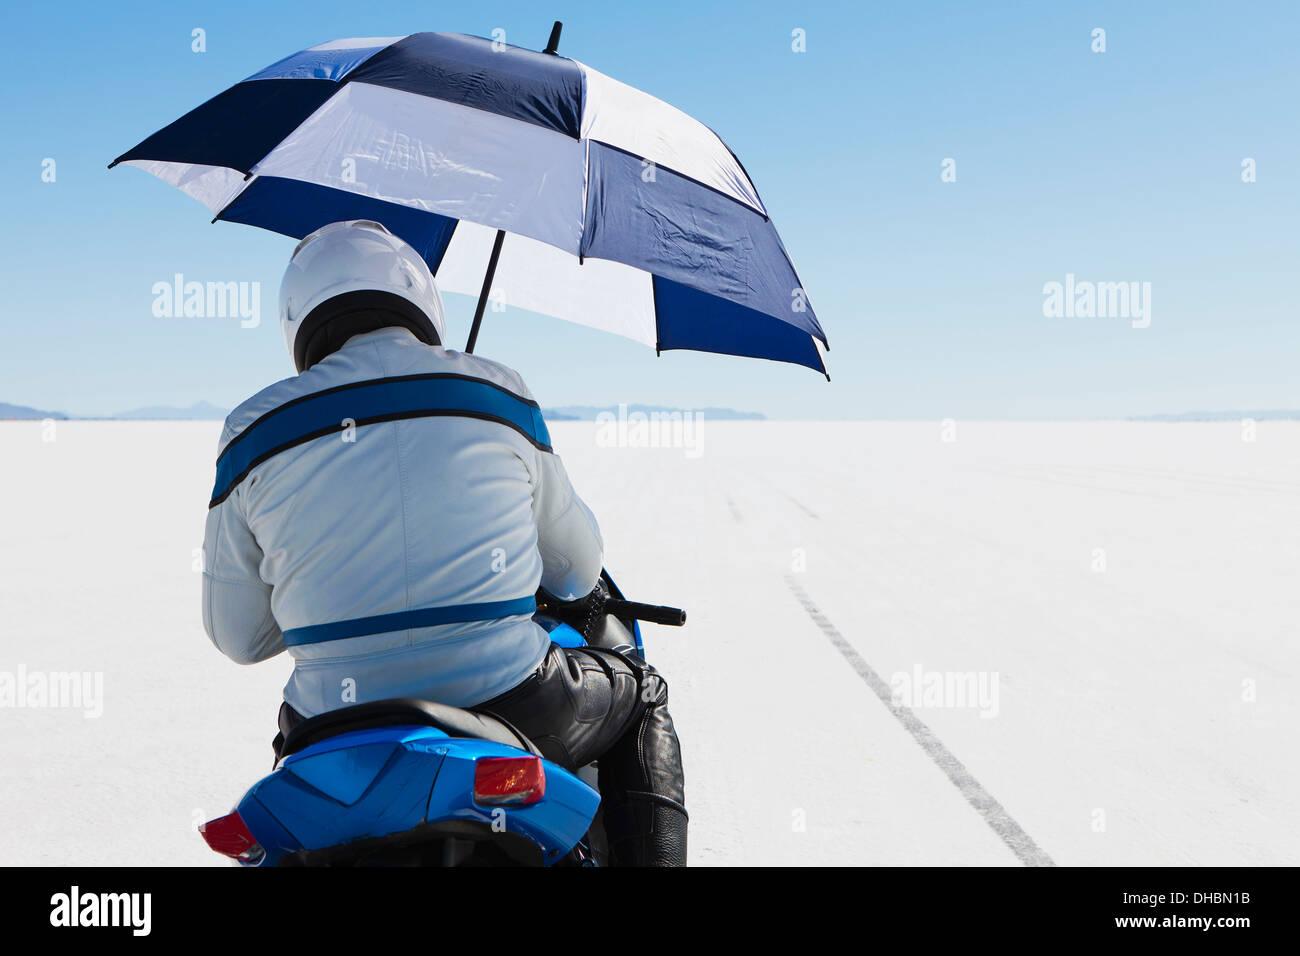 Un motociclista rifugiandosi sotto un ombrello, sulla linea di partenza alla Speed Week, sul Bonneville Saline. Immagini Stock